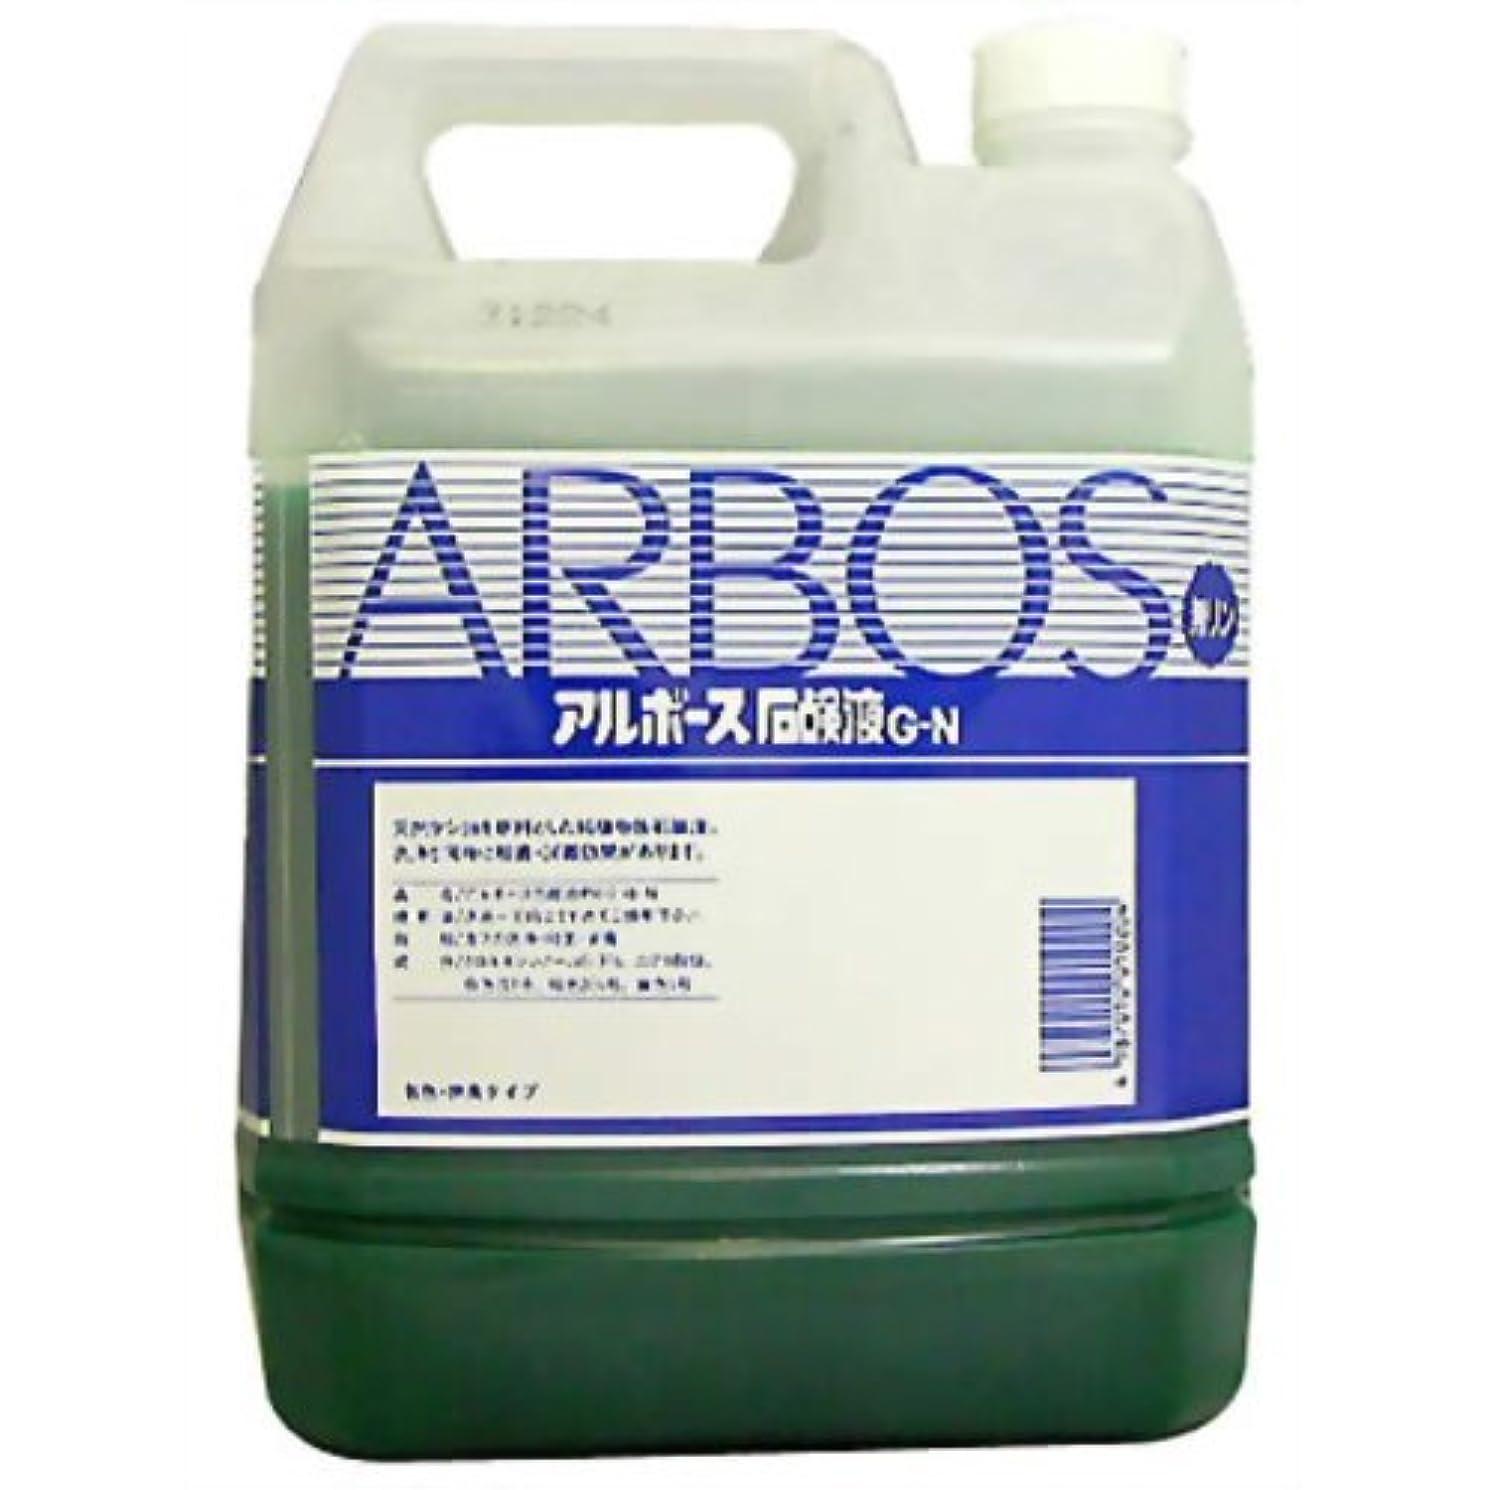 再現するそのような競合他社選手アルボース石鹸液GN 4kg